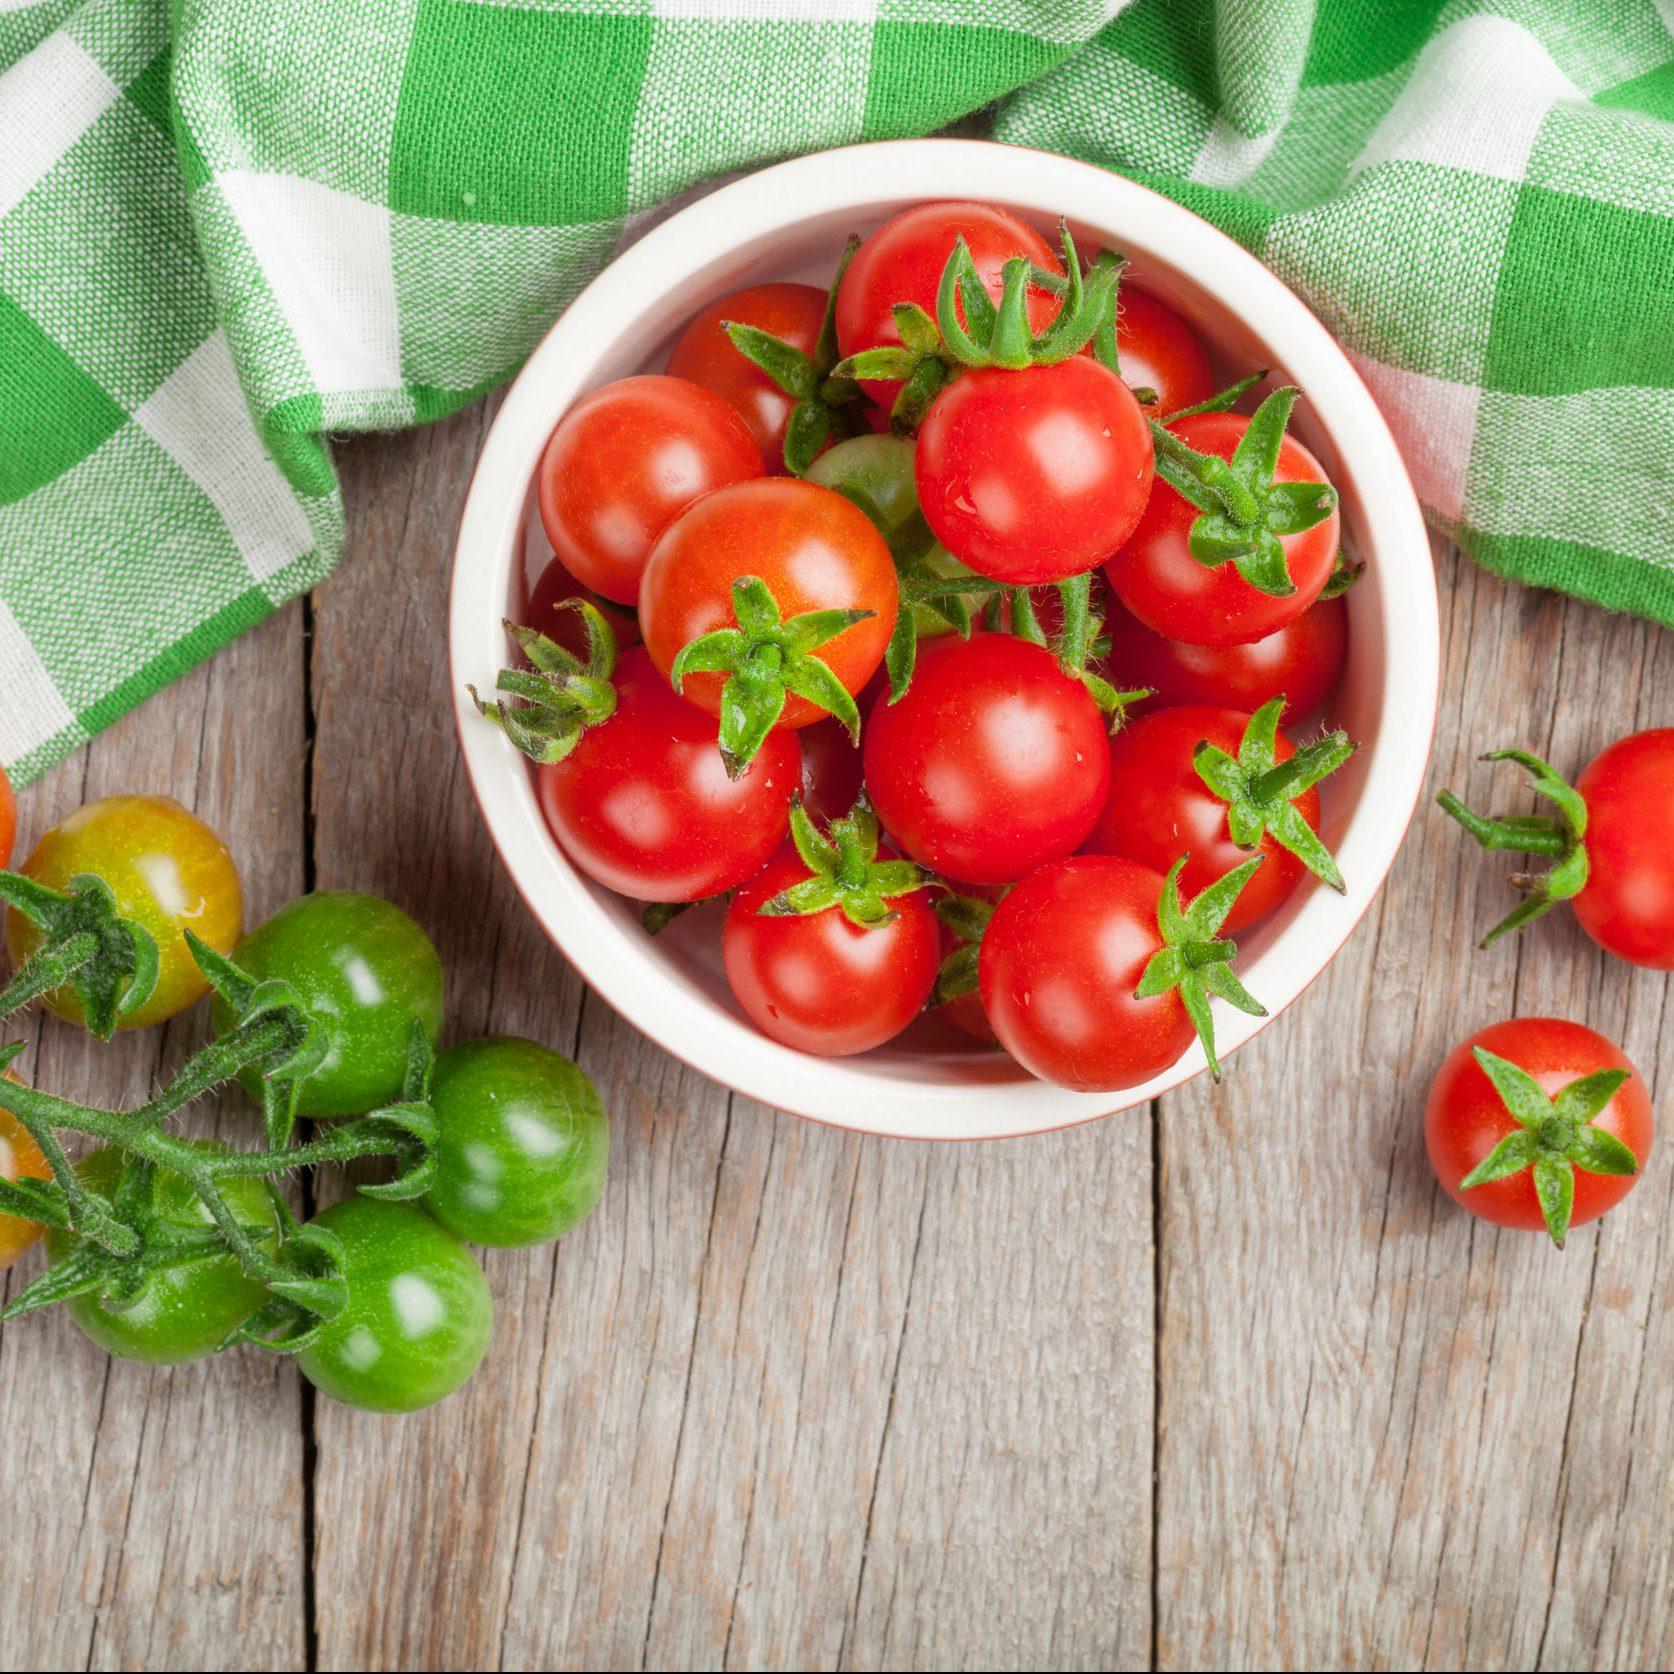 いくつものプチトマトが皿やテーブルにのっている